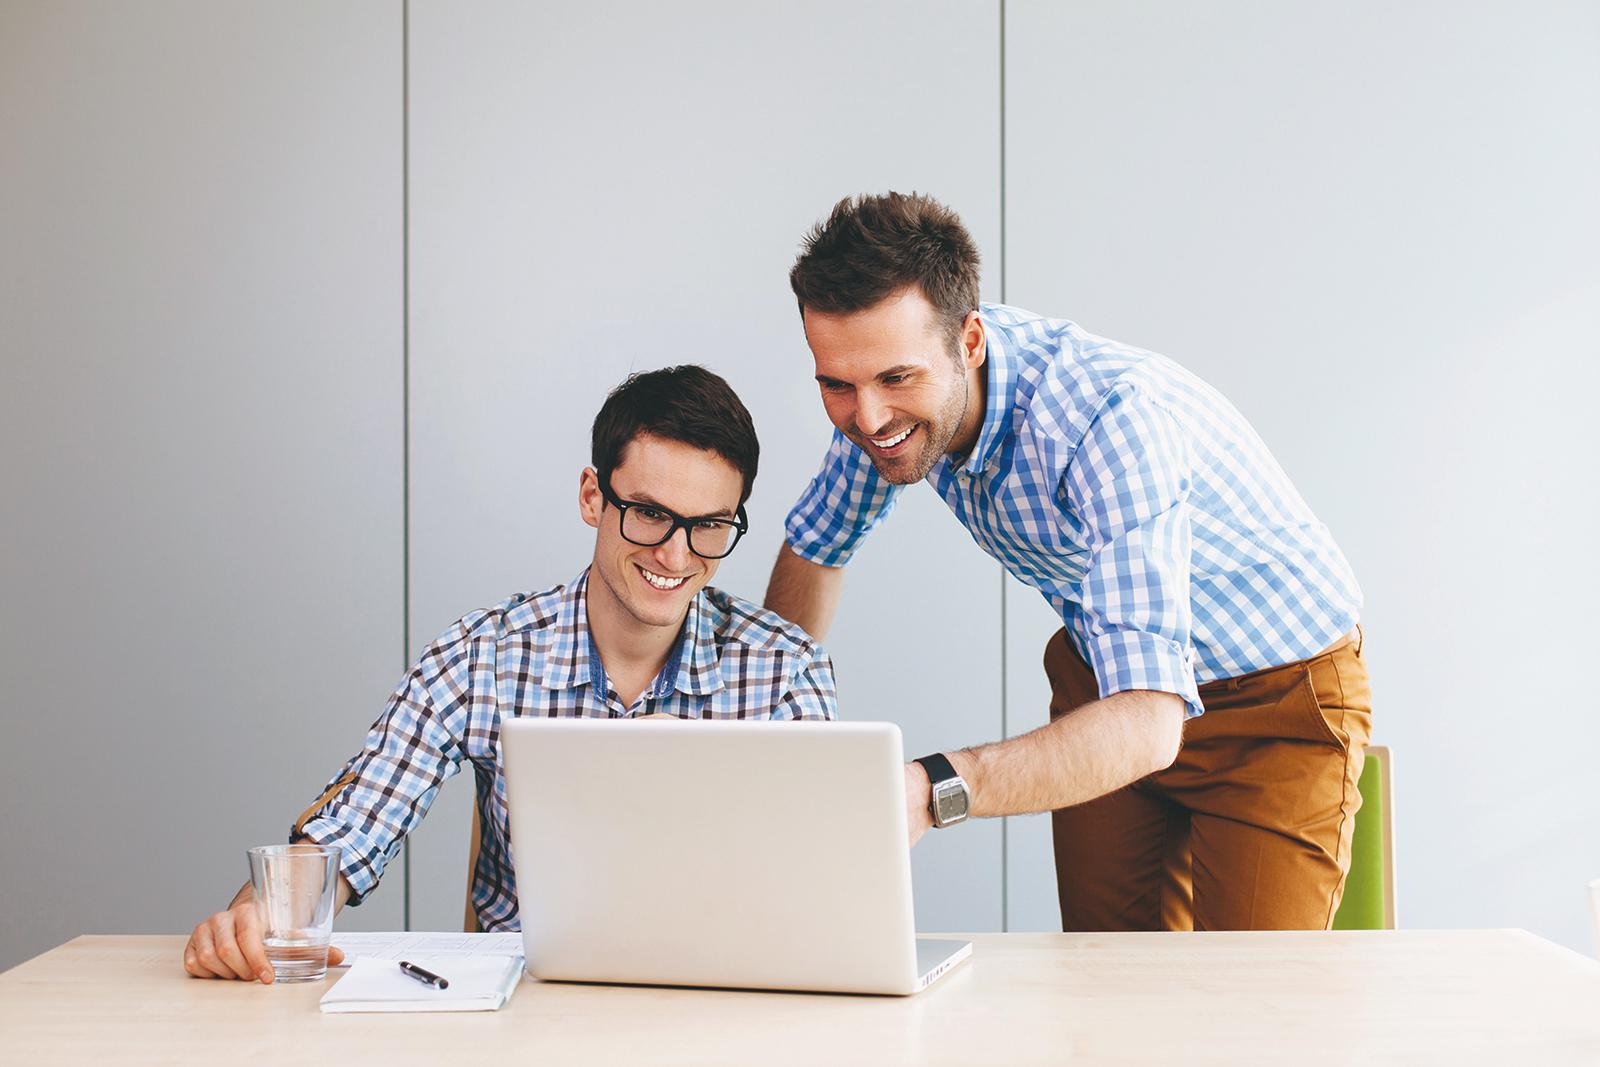 Quelle est la valeur ajoutée de faire appel à un expert numérique